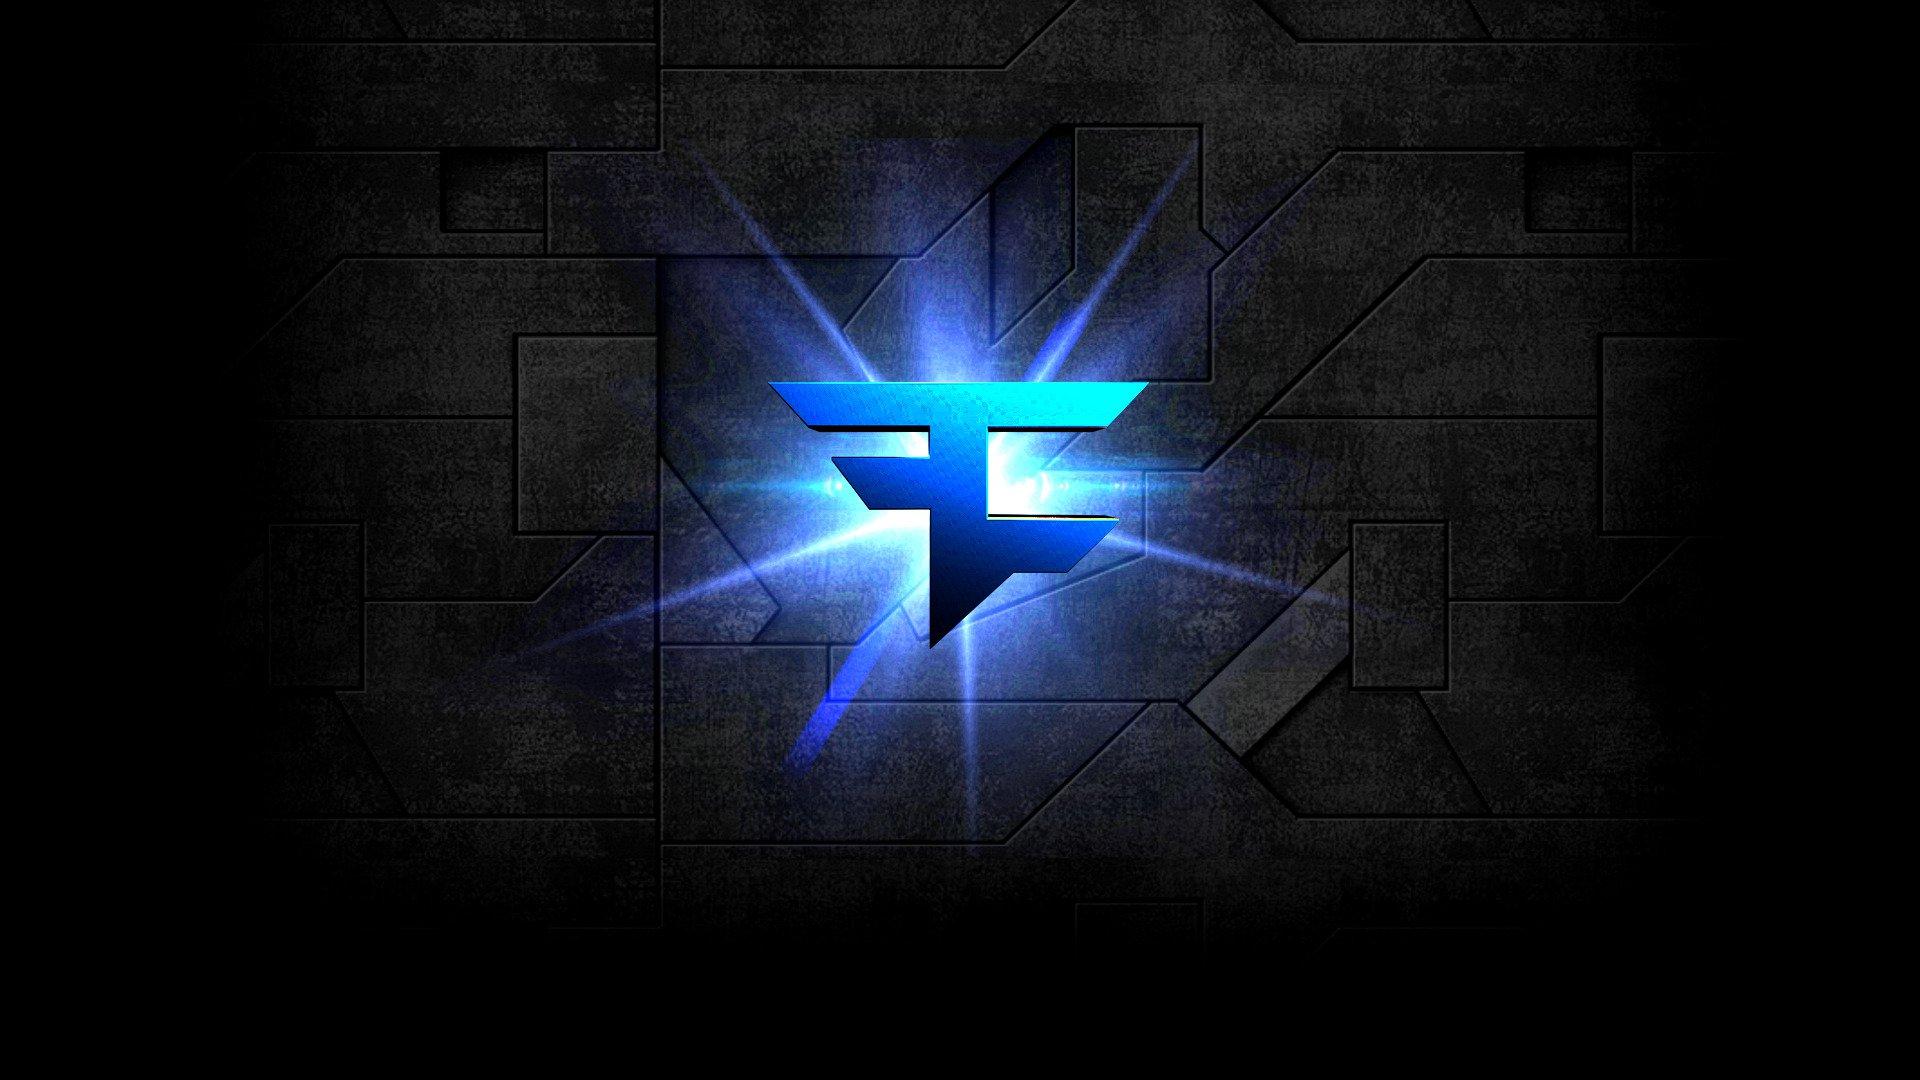 Faze Logo Wallpaper Logos For gt Faze Clan Logo 1920x1080